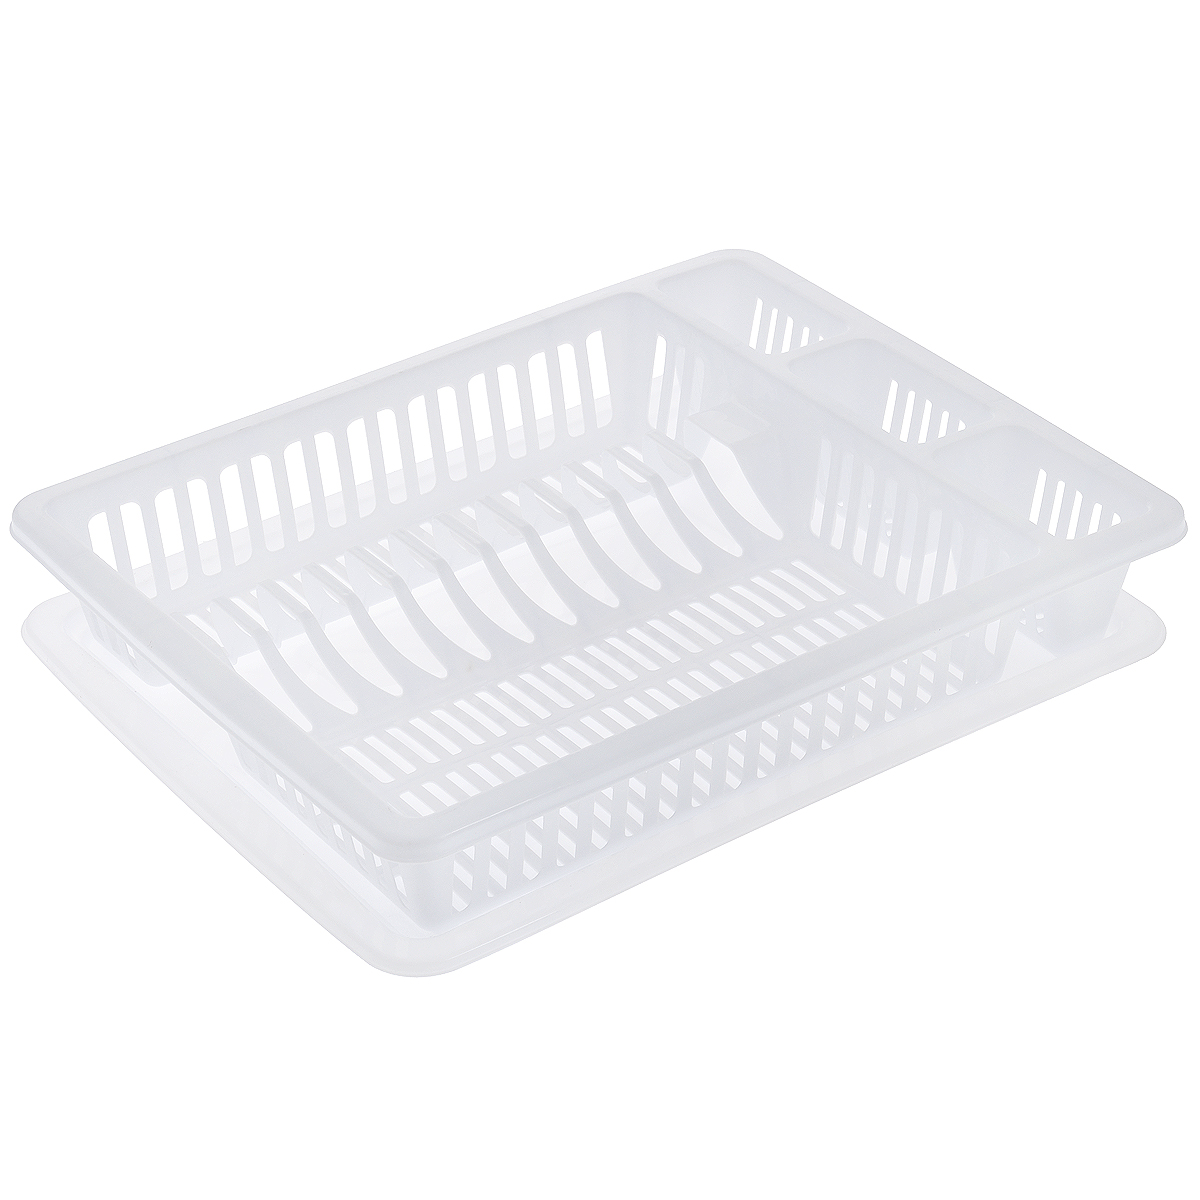 Сушилка для посуды Dunya Plastik, с поддоном, цвет: белый, 46 см х 37 см х 9 см7301 белыйСушилка Dunya Plastik, выполненная из прочного пластика, представляет собой решетку с ячейками, в которые помещается посуда: тарелки, кружки, ложки, ножи. Изделие оснащено пластиковым поддоном для стекания воды. Сушилка Dunya Plastik не займет много места на вашей кухне, а вы сможете разместить на ней большое количество предметов. Компактные размеры и оригинальный дизайн выделяют эту сушку из ряда подобных.